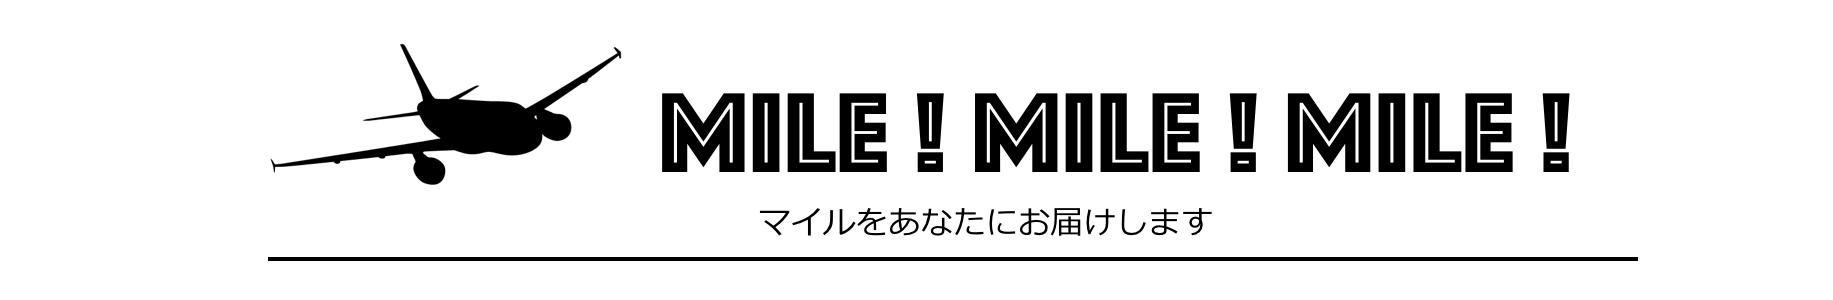 マイル! マイル! マイル!